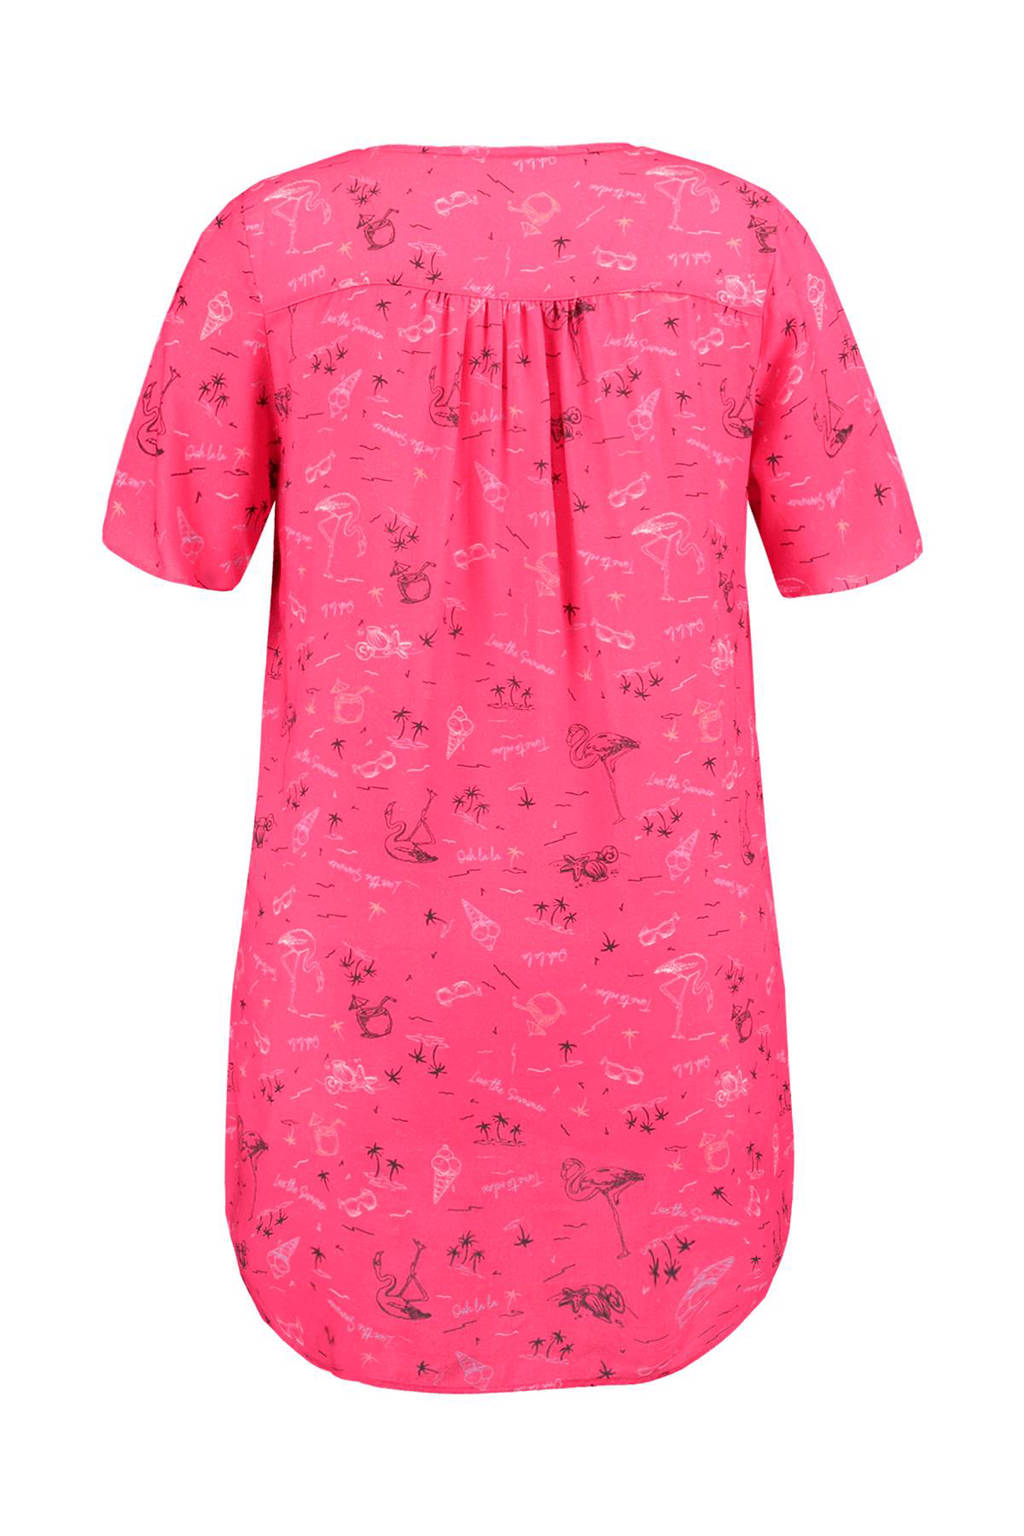 MS Mode lange top met rits all-over print roze, Roze